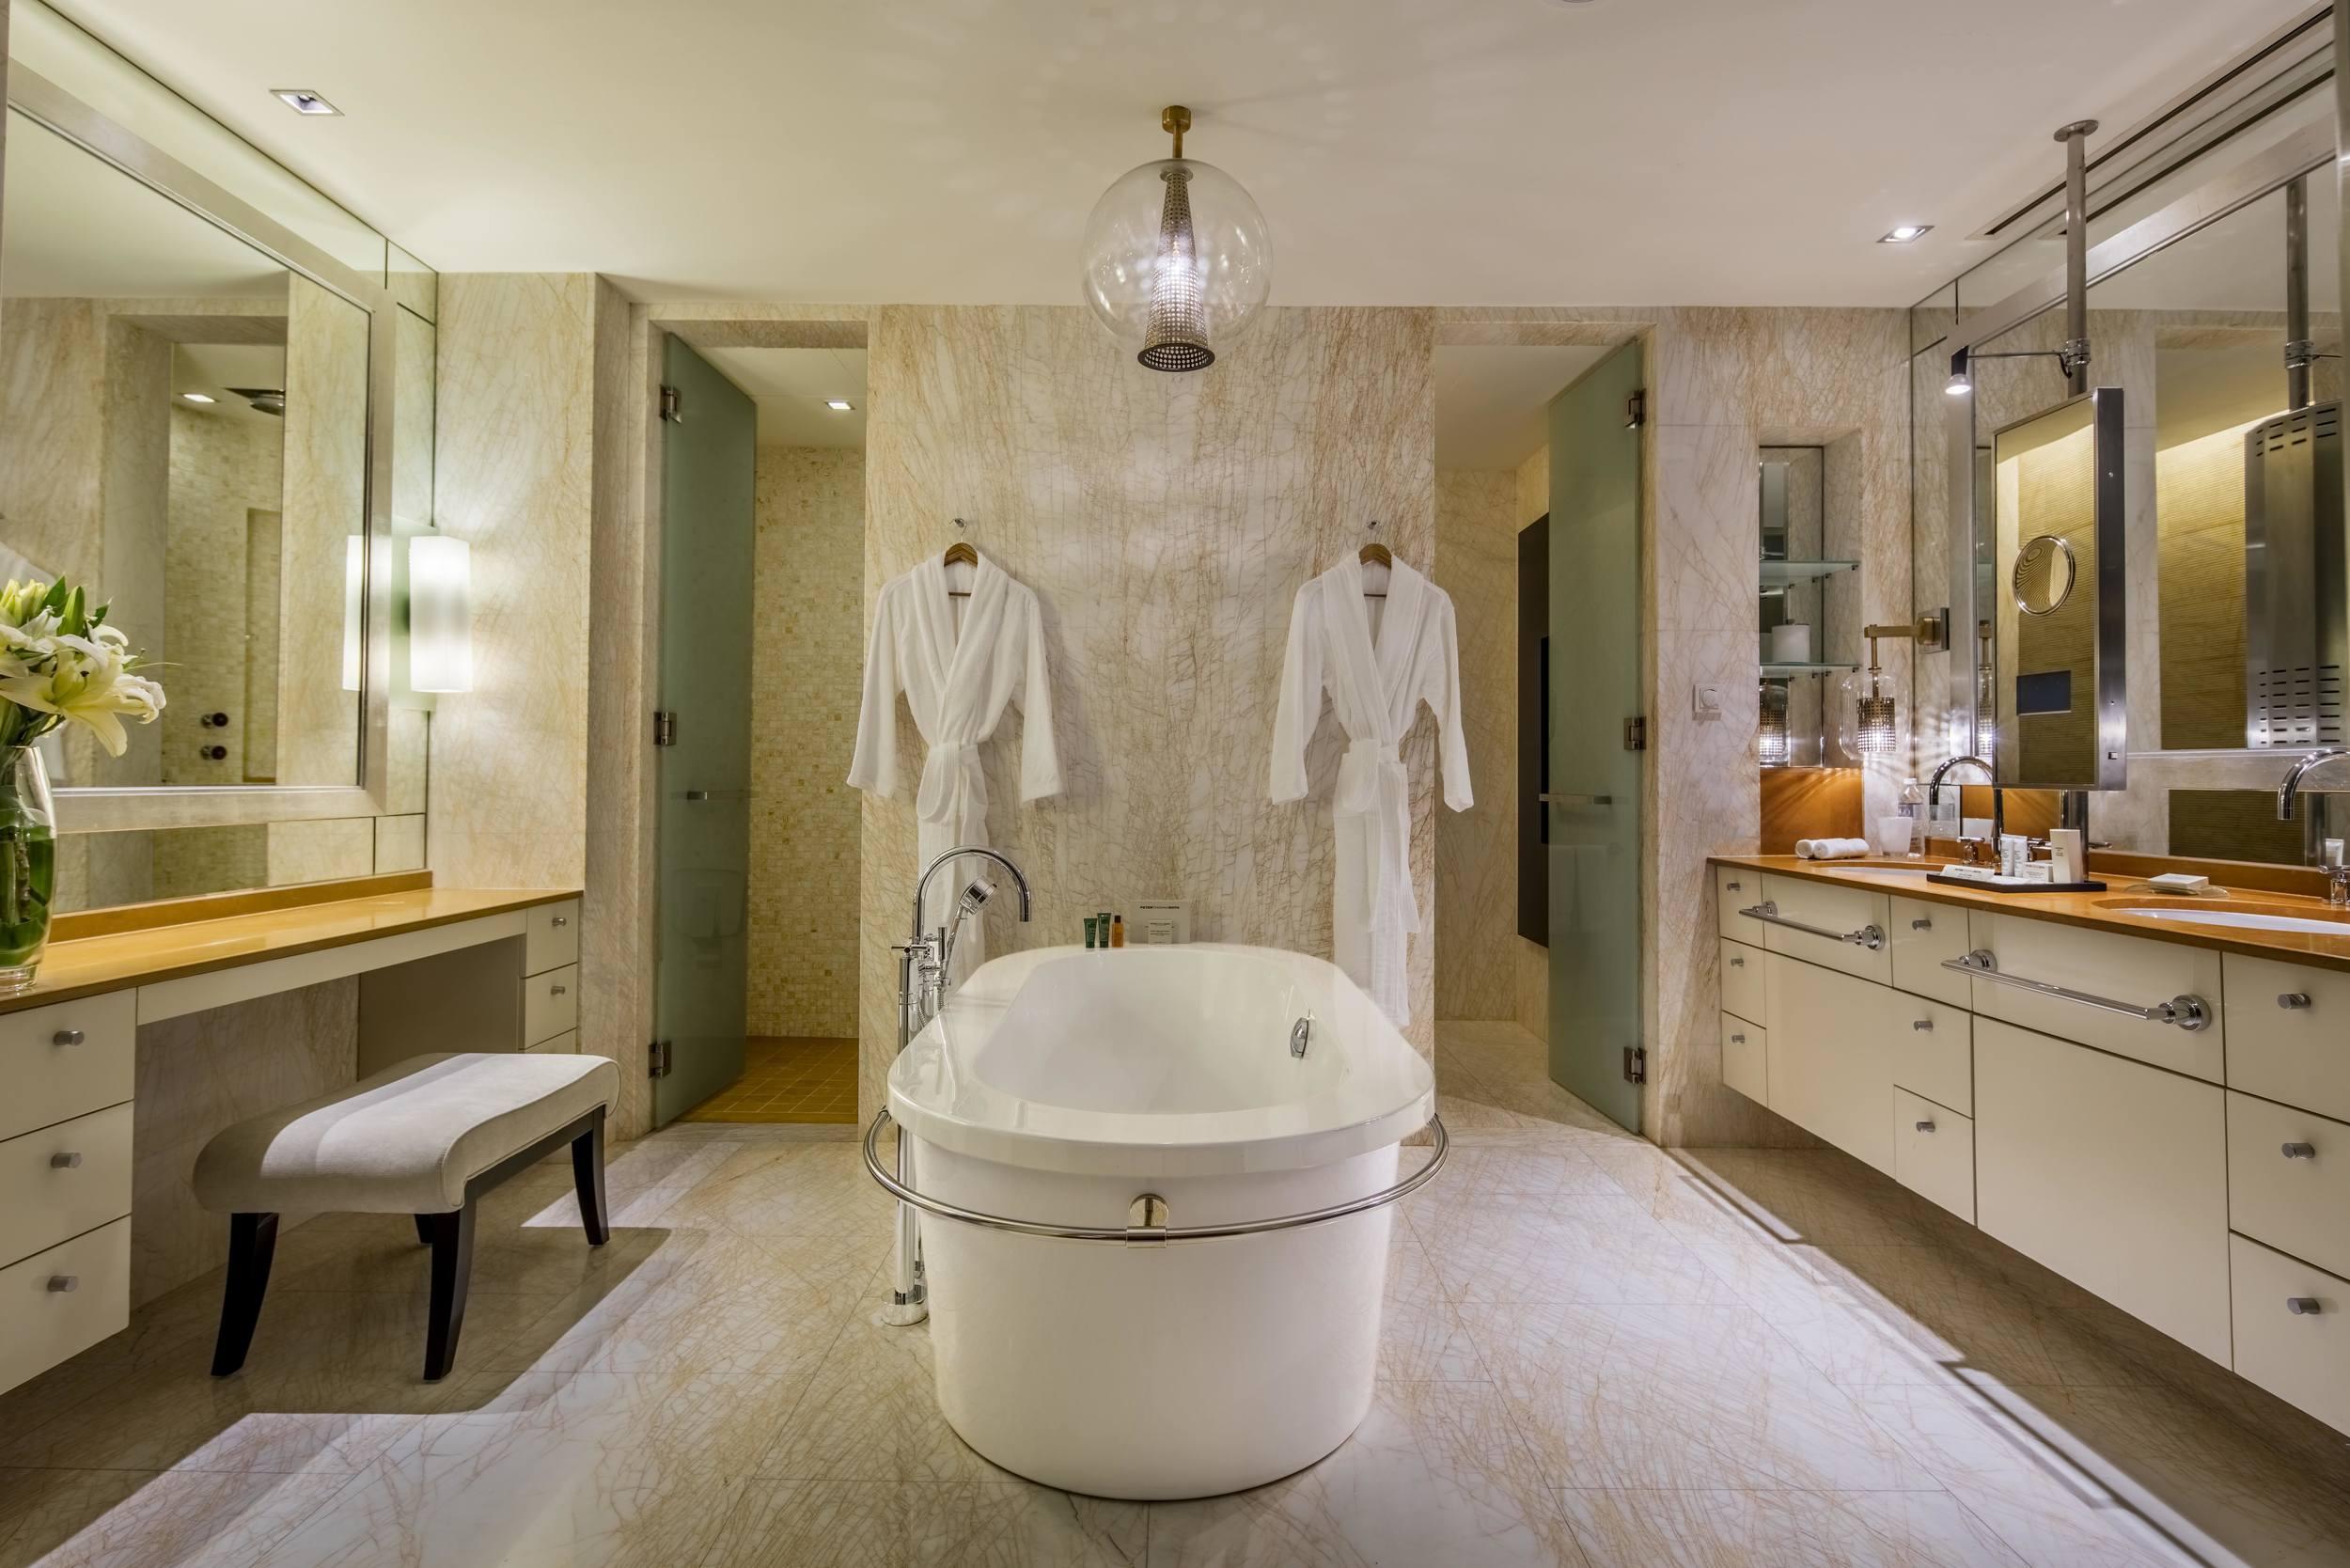 PresidentialSuite-Bathroom-v1.jpg